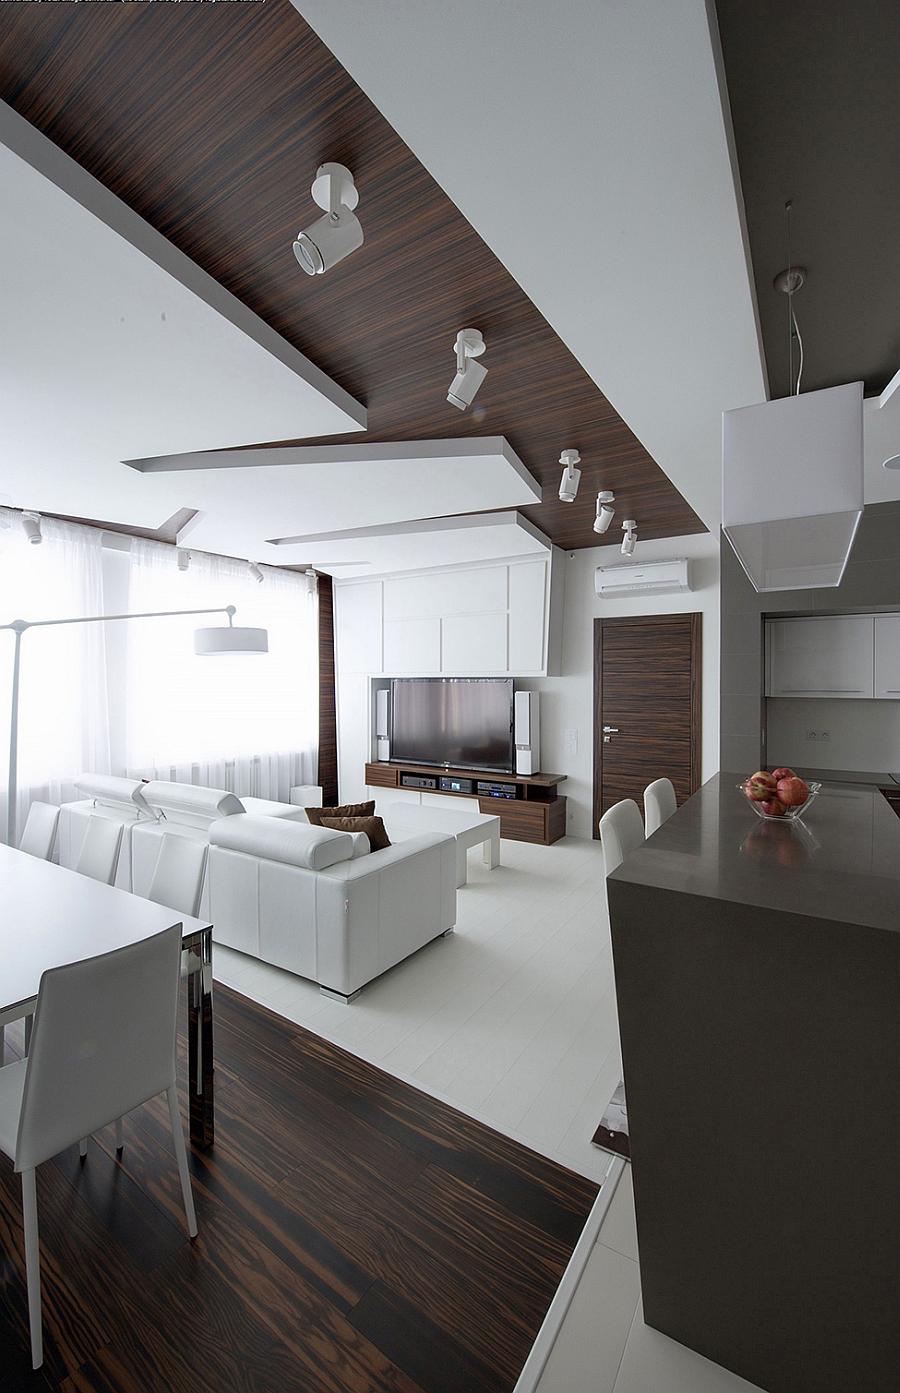 apartament-v-moskva-pokazva-zabelejitelen-dizain-4g